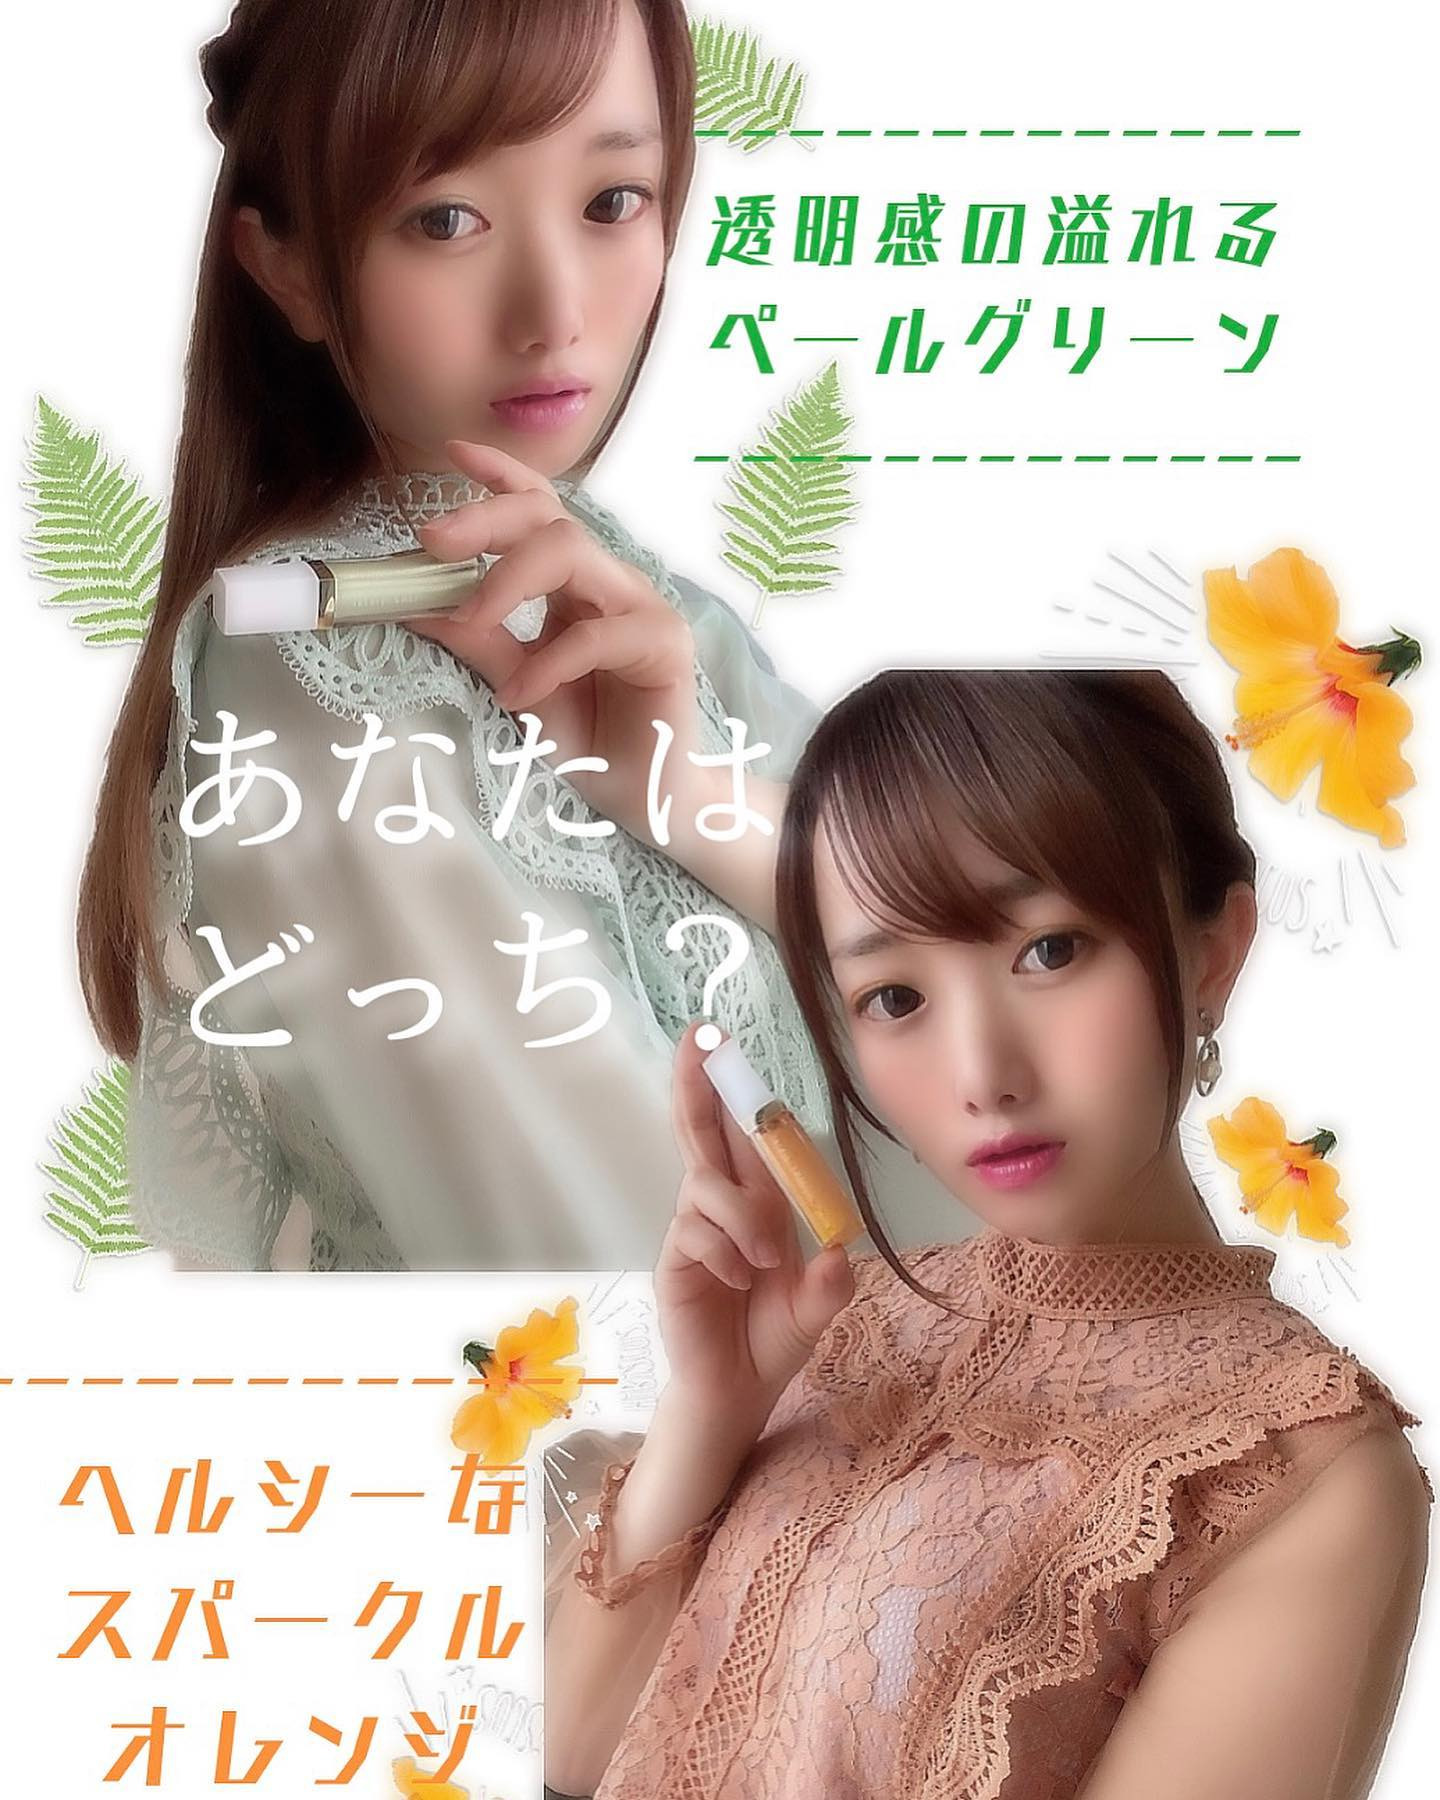 口コミ投稿:・sponsor: @pdc_jp・・【限定色🌸】春らしく